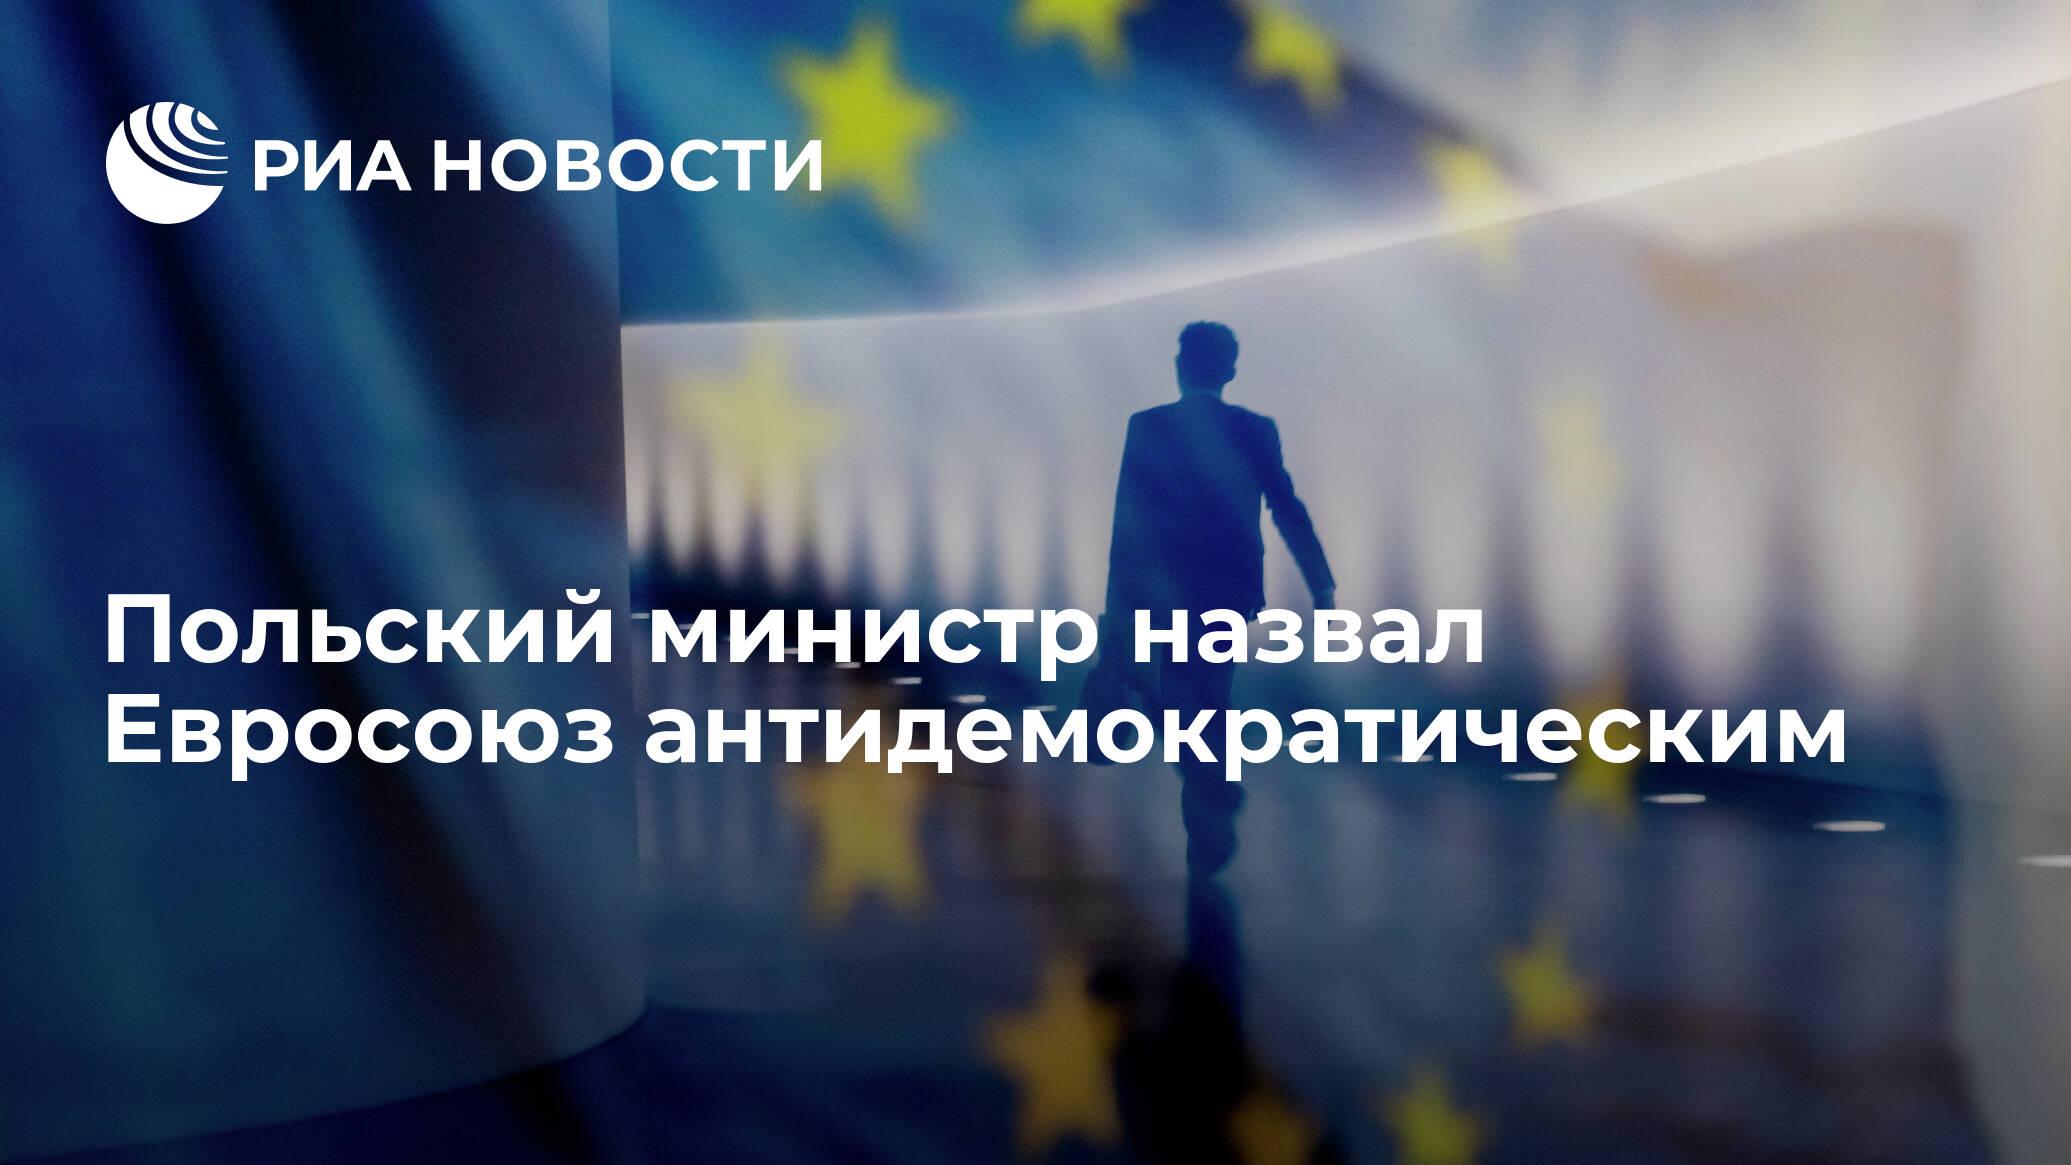 Польский министр назвал Евросоюз антидемократическим